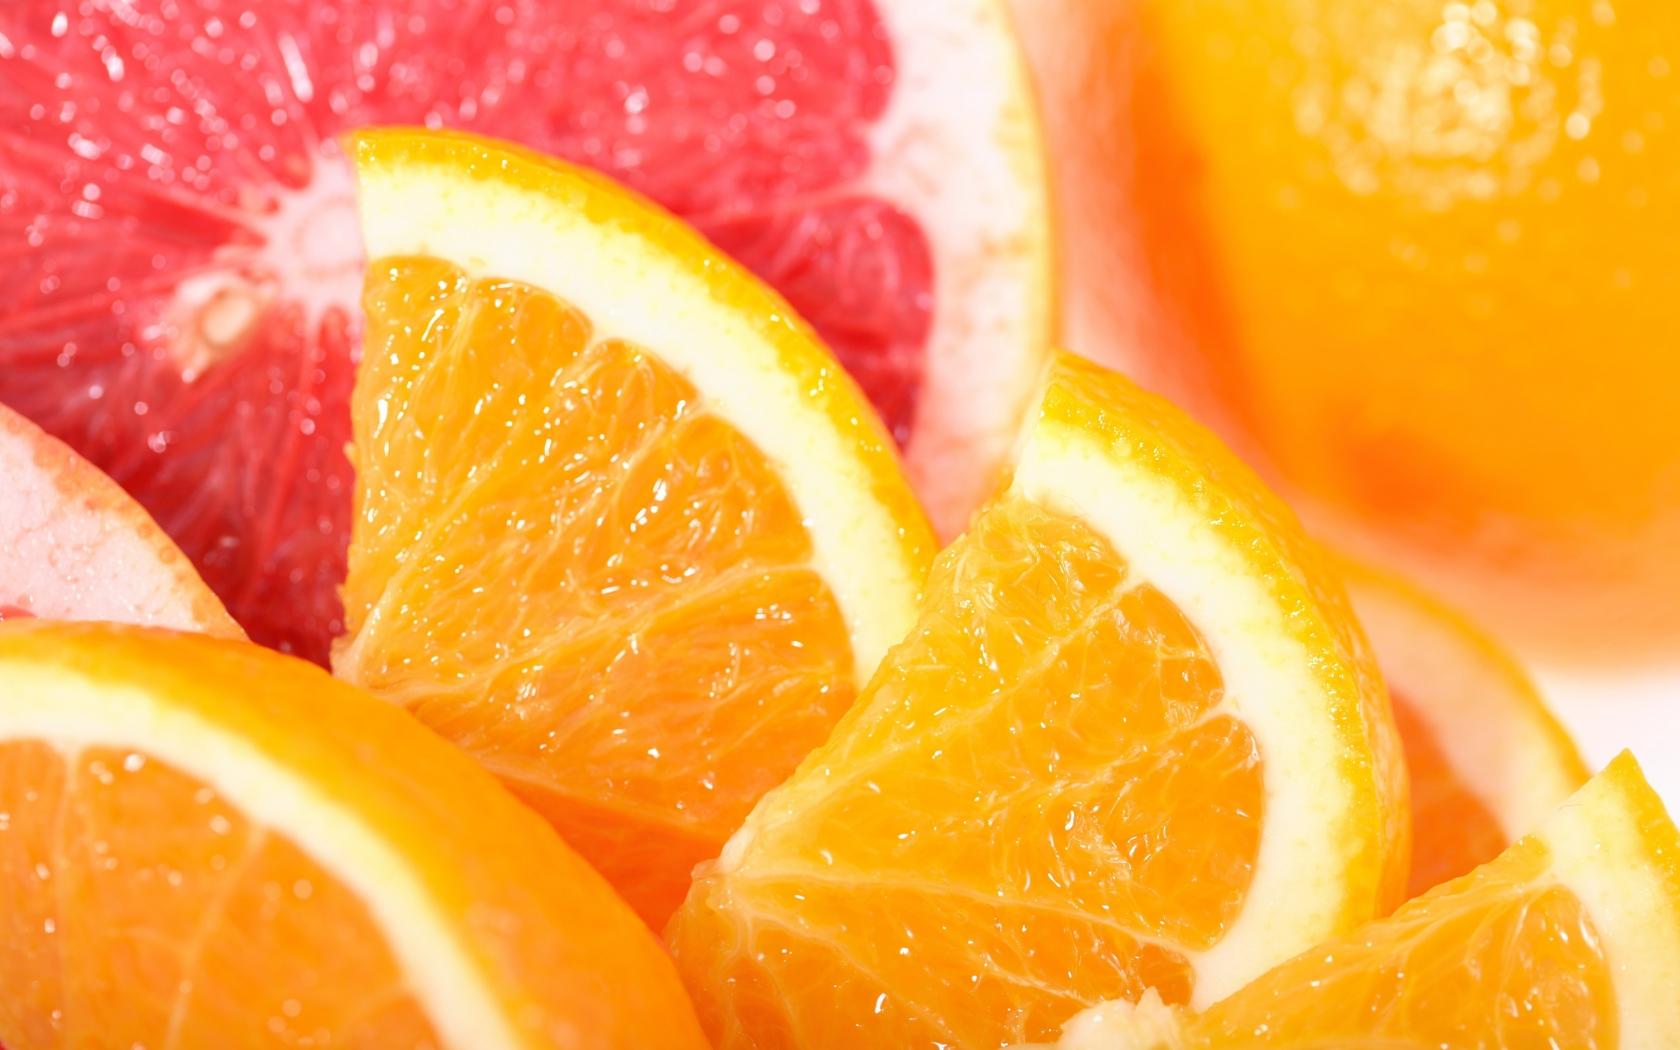 Frutas de naranjas - 1680x1050